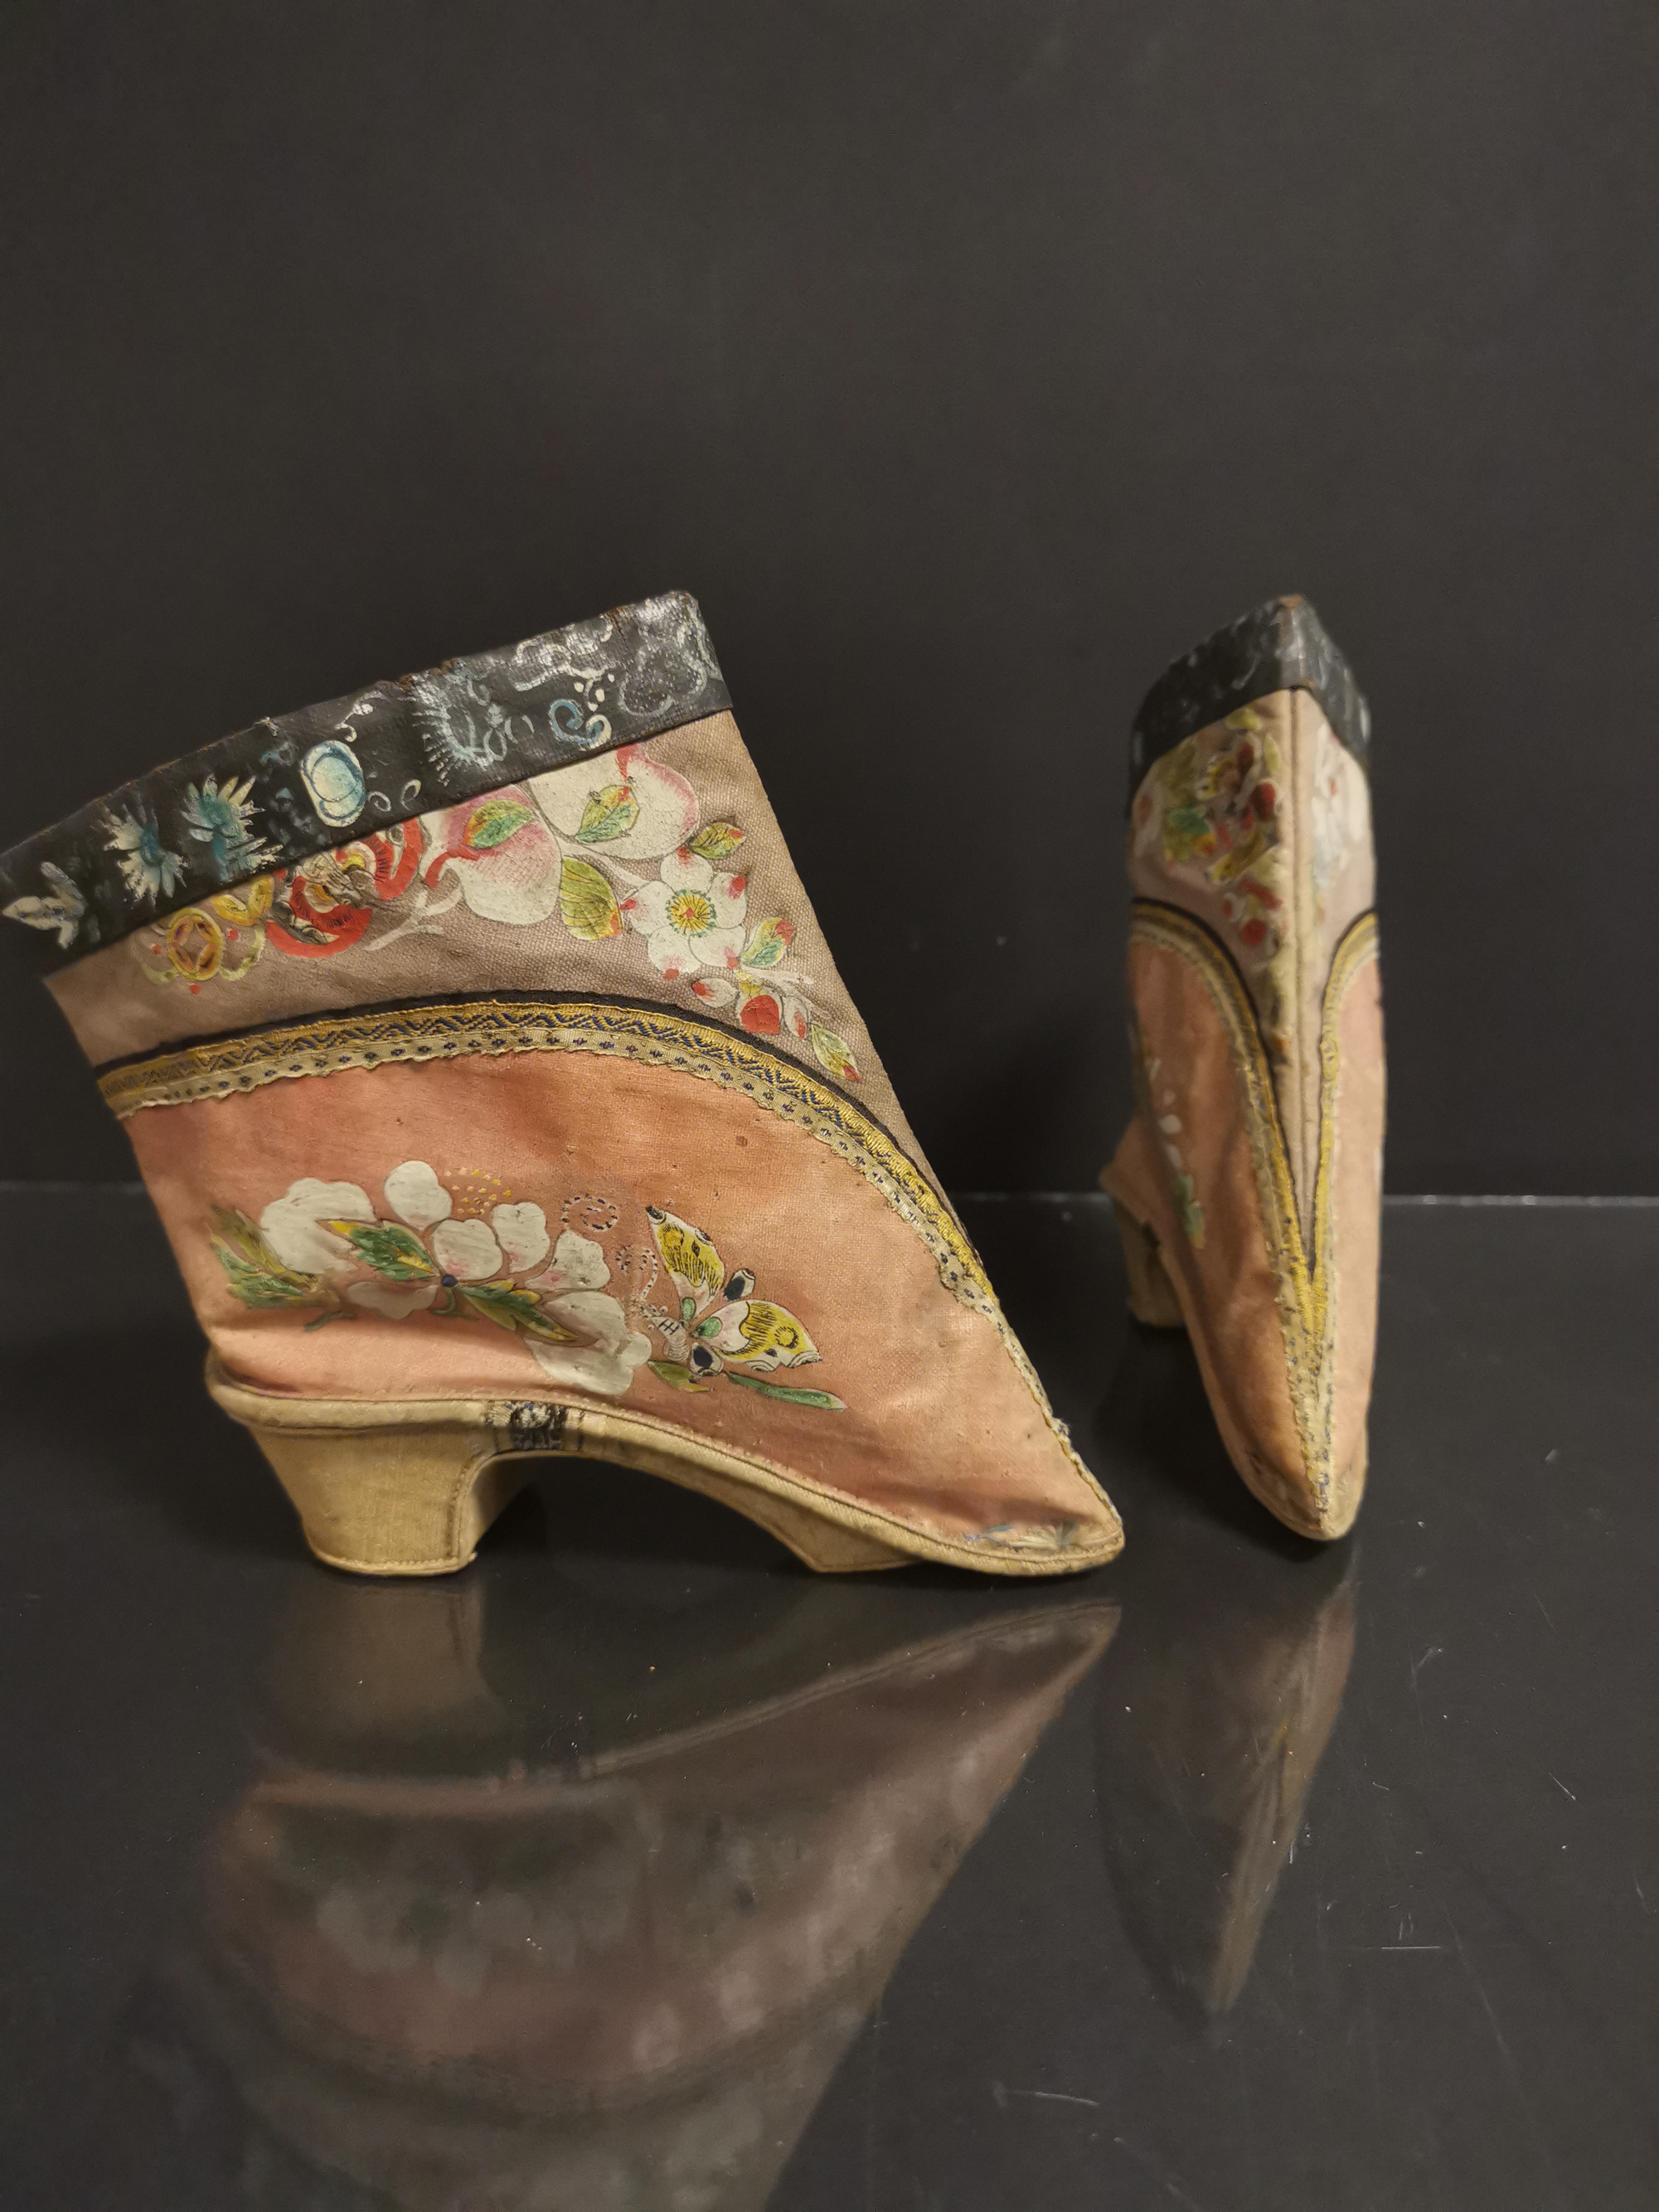 Paire de chaussures en soie brodée. Chine, époque Guangxu (1875-1908). L. : 14 cm. [...] - Image 2 of 3